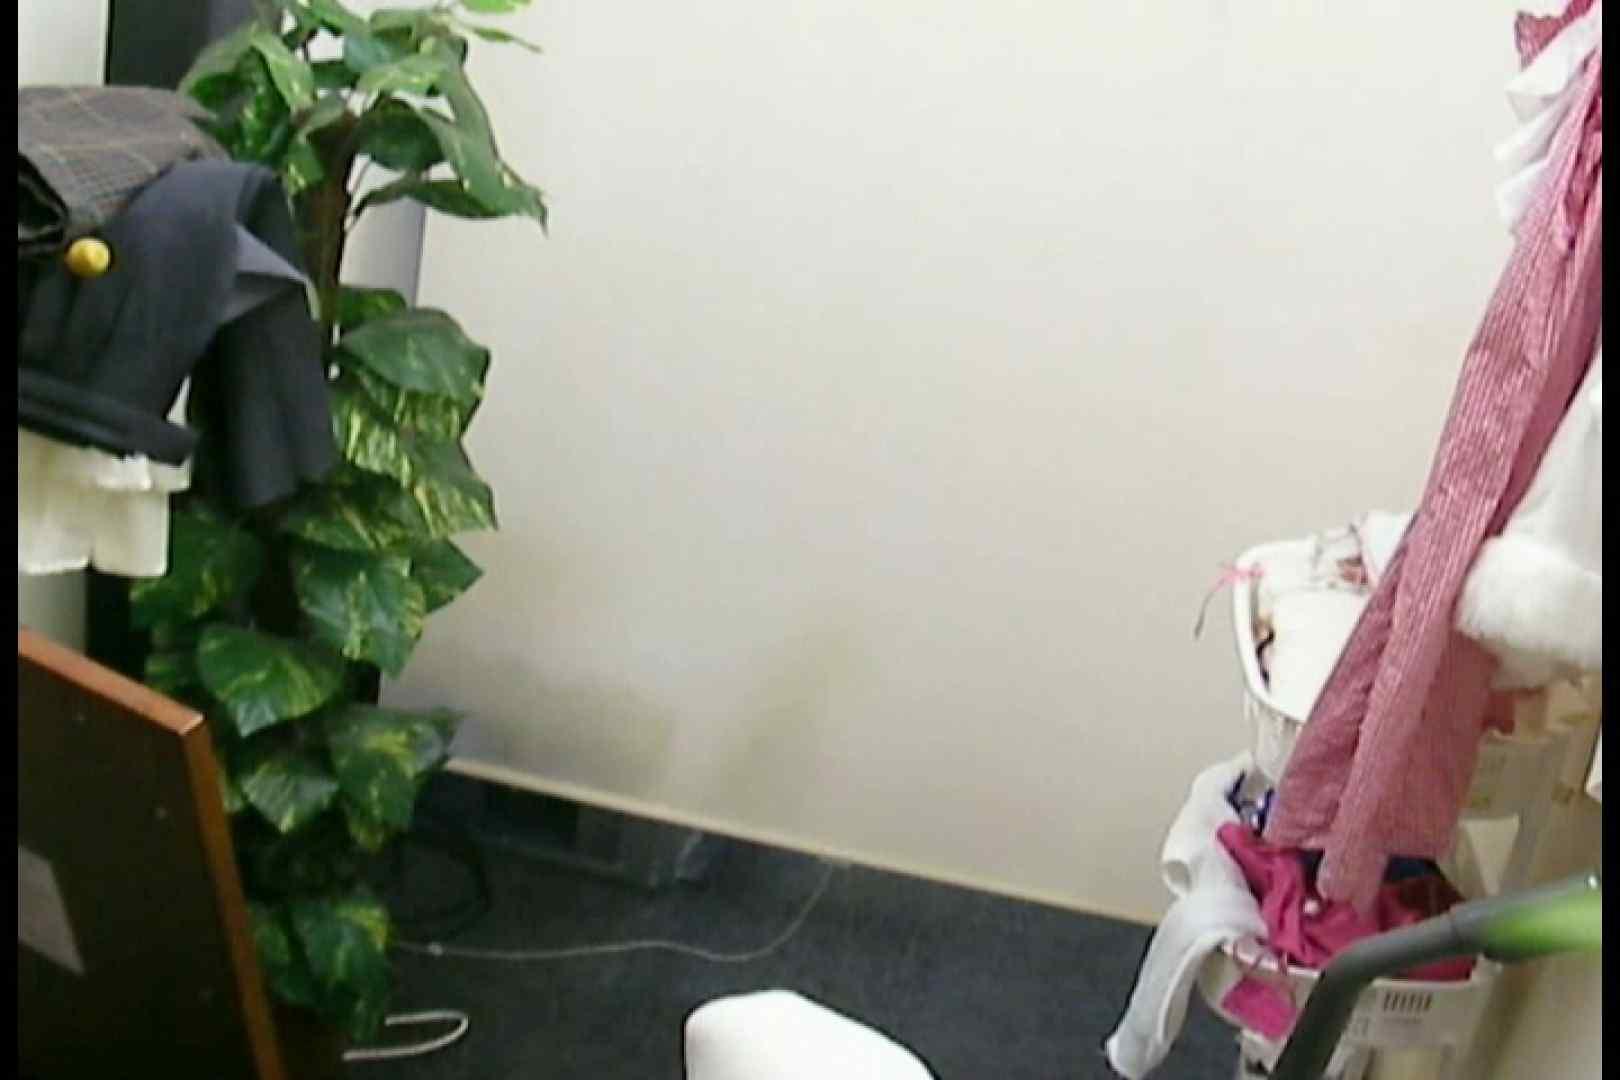 素人撮影 下着だけの撮影のはずが・・・仮名ゆき22歳 盗撮映像 のぞき動画キャプチャ 98枚 94